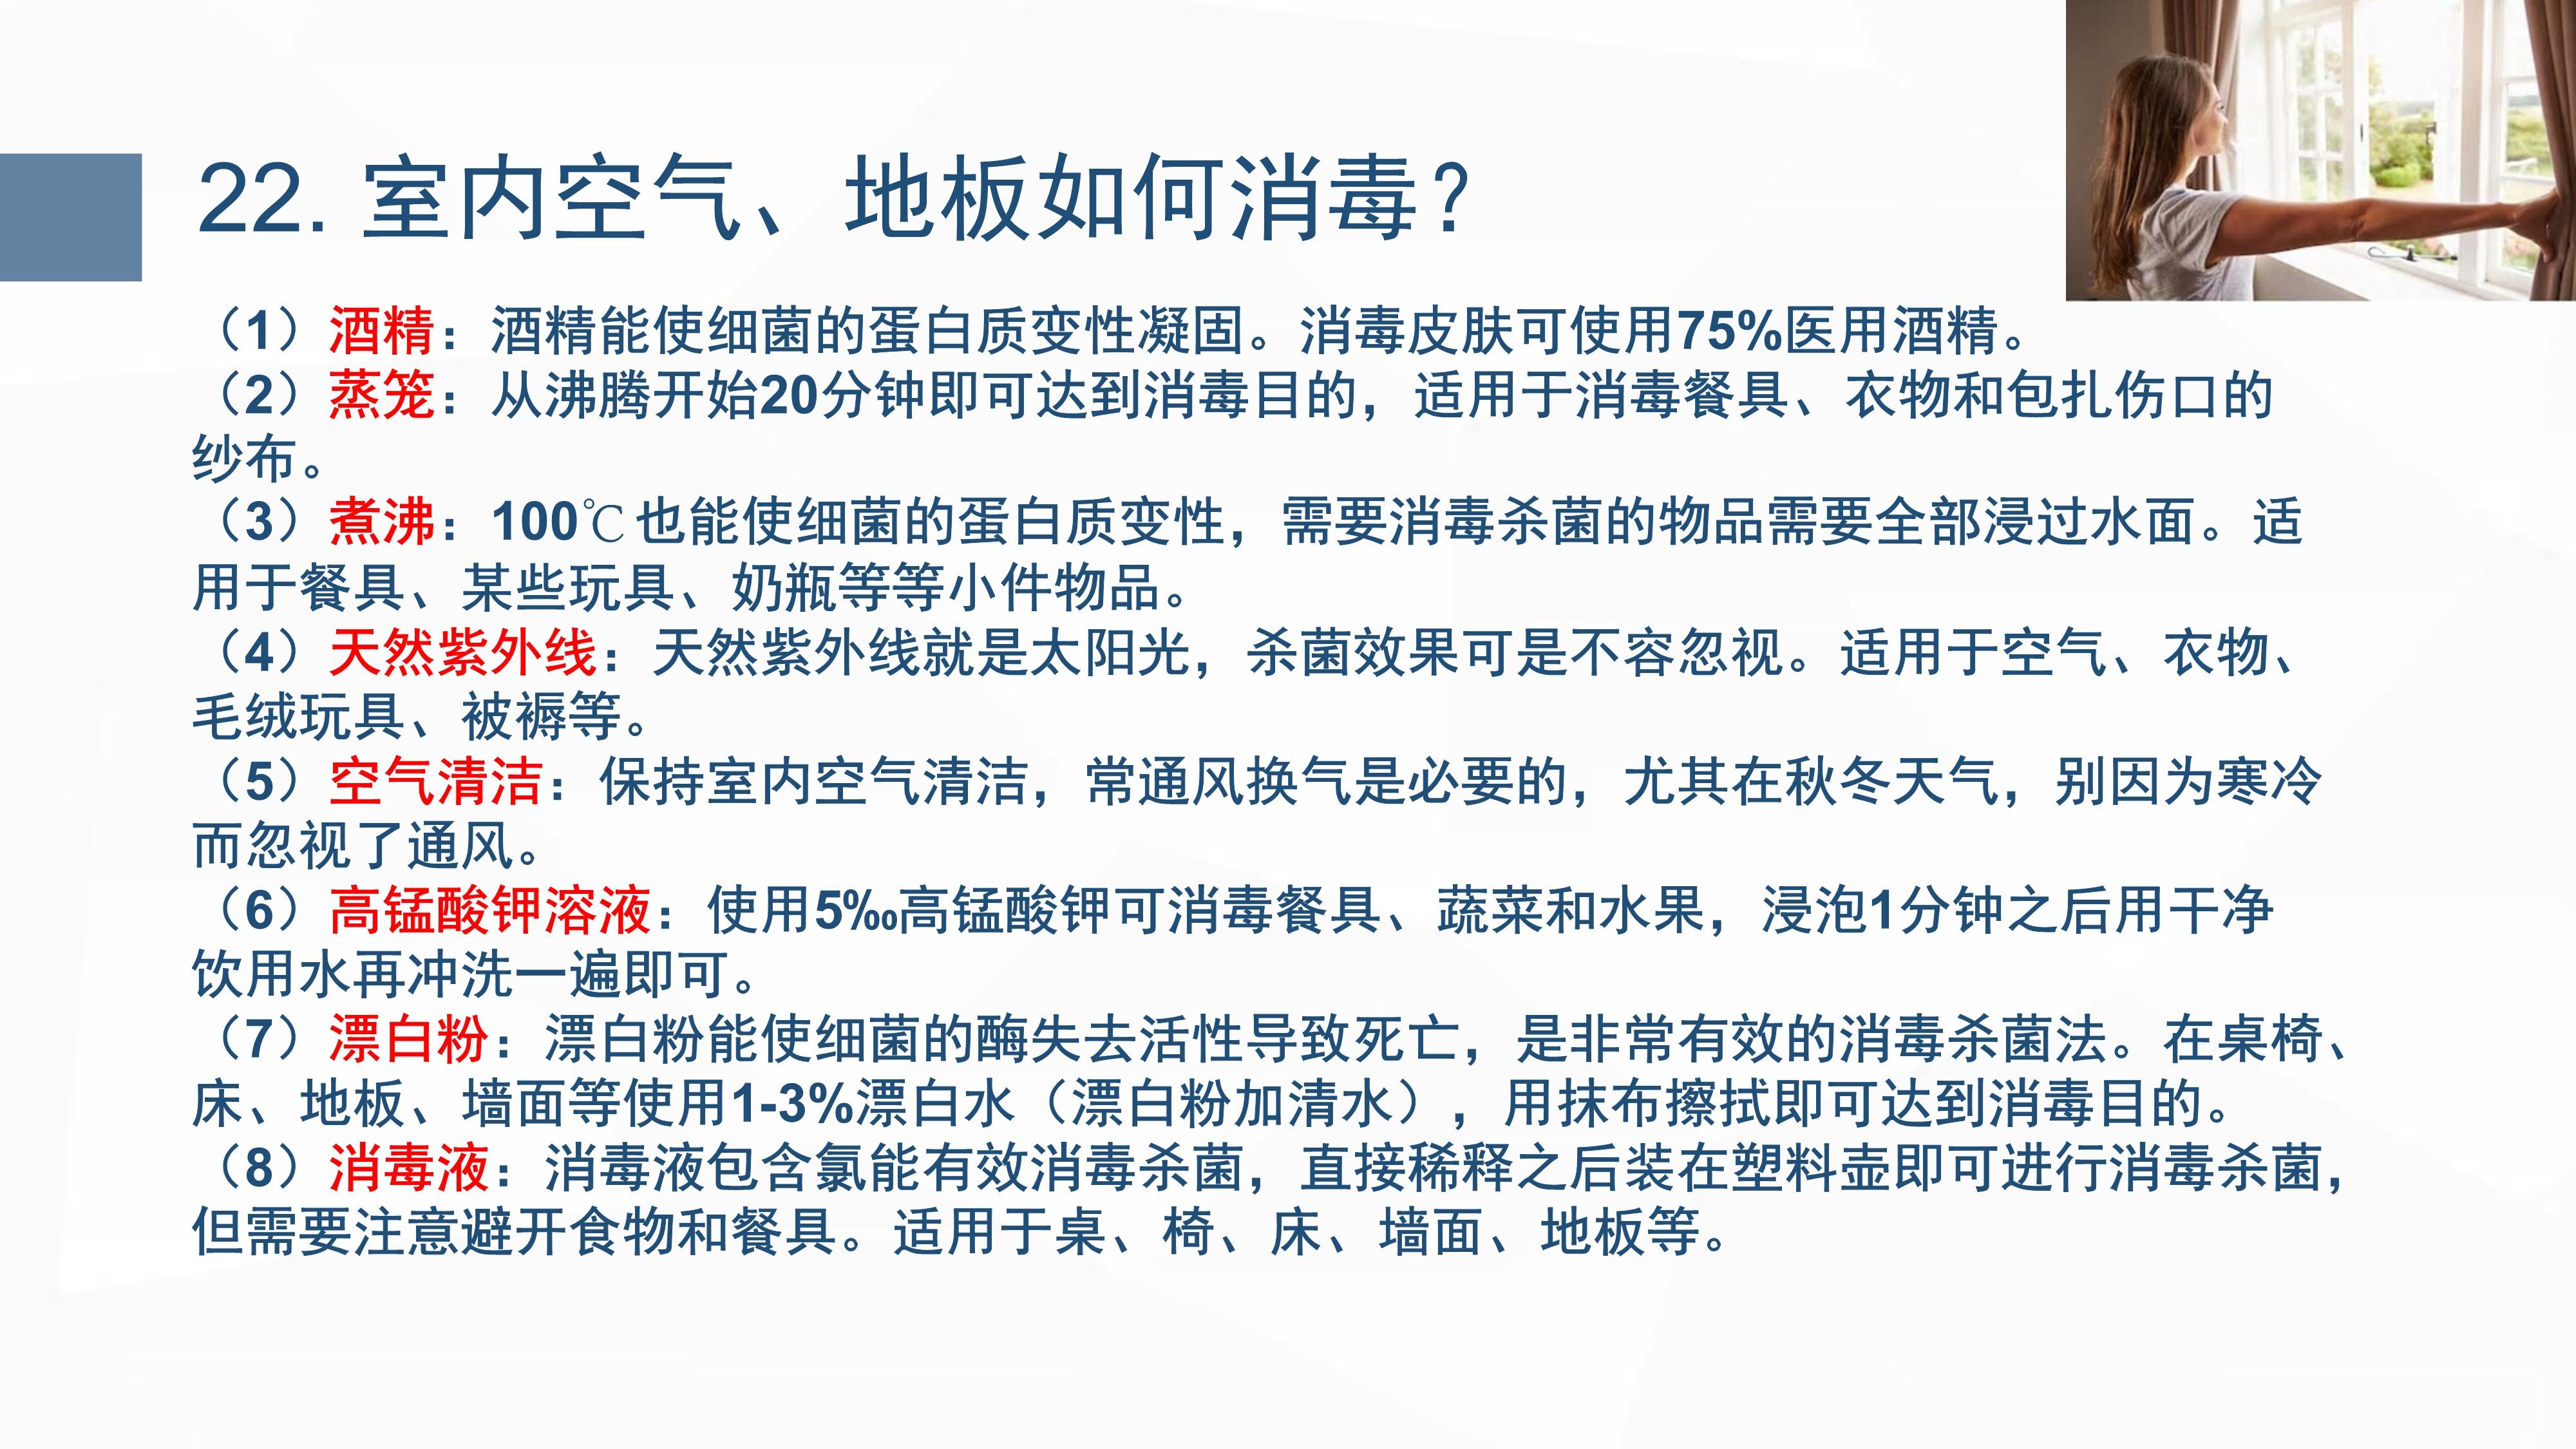 新型冠状病毒肺炎预防手册_29